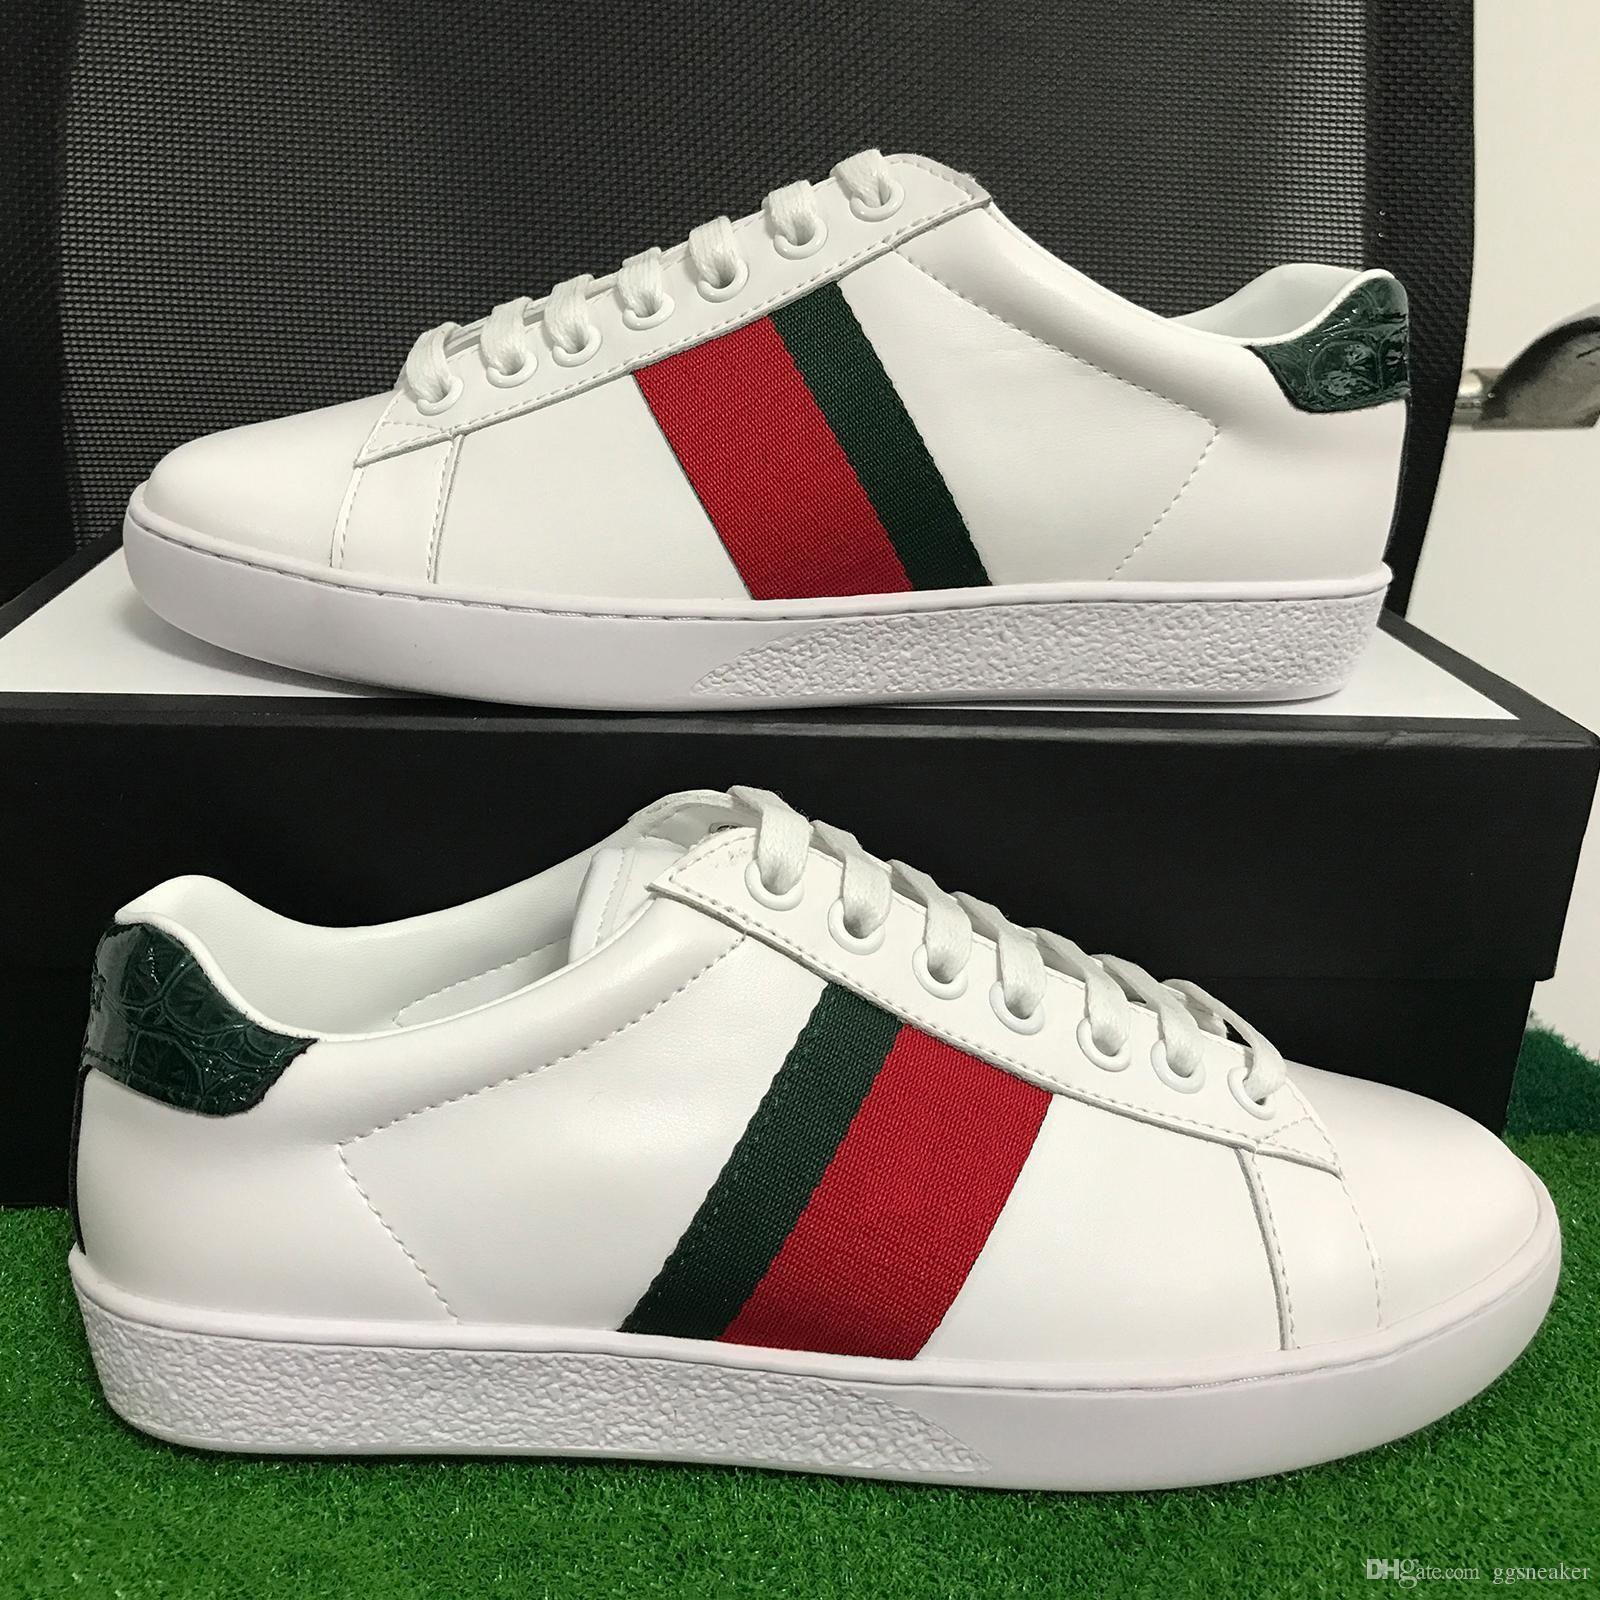 Marques de Luxe Hommes Femmes Chaussures Casual Designer Sneakers rayures rouge vert ACE baskets chaussures de mode avec Top qualité en cuir véritable avec boîte